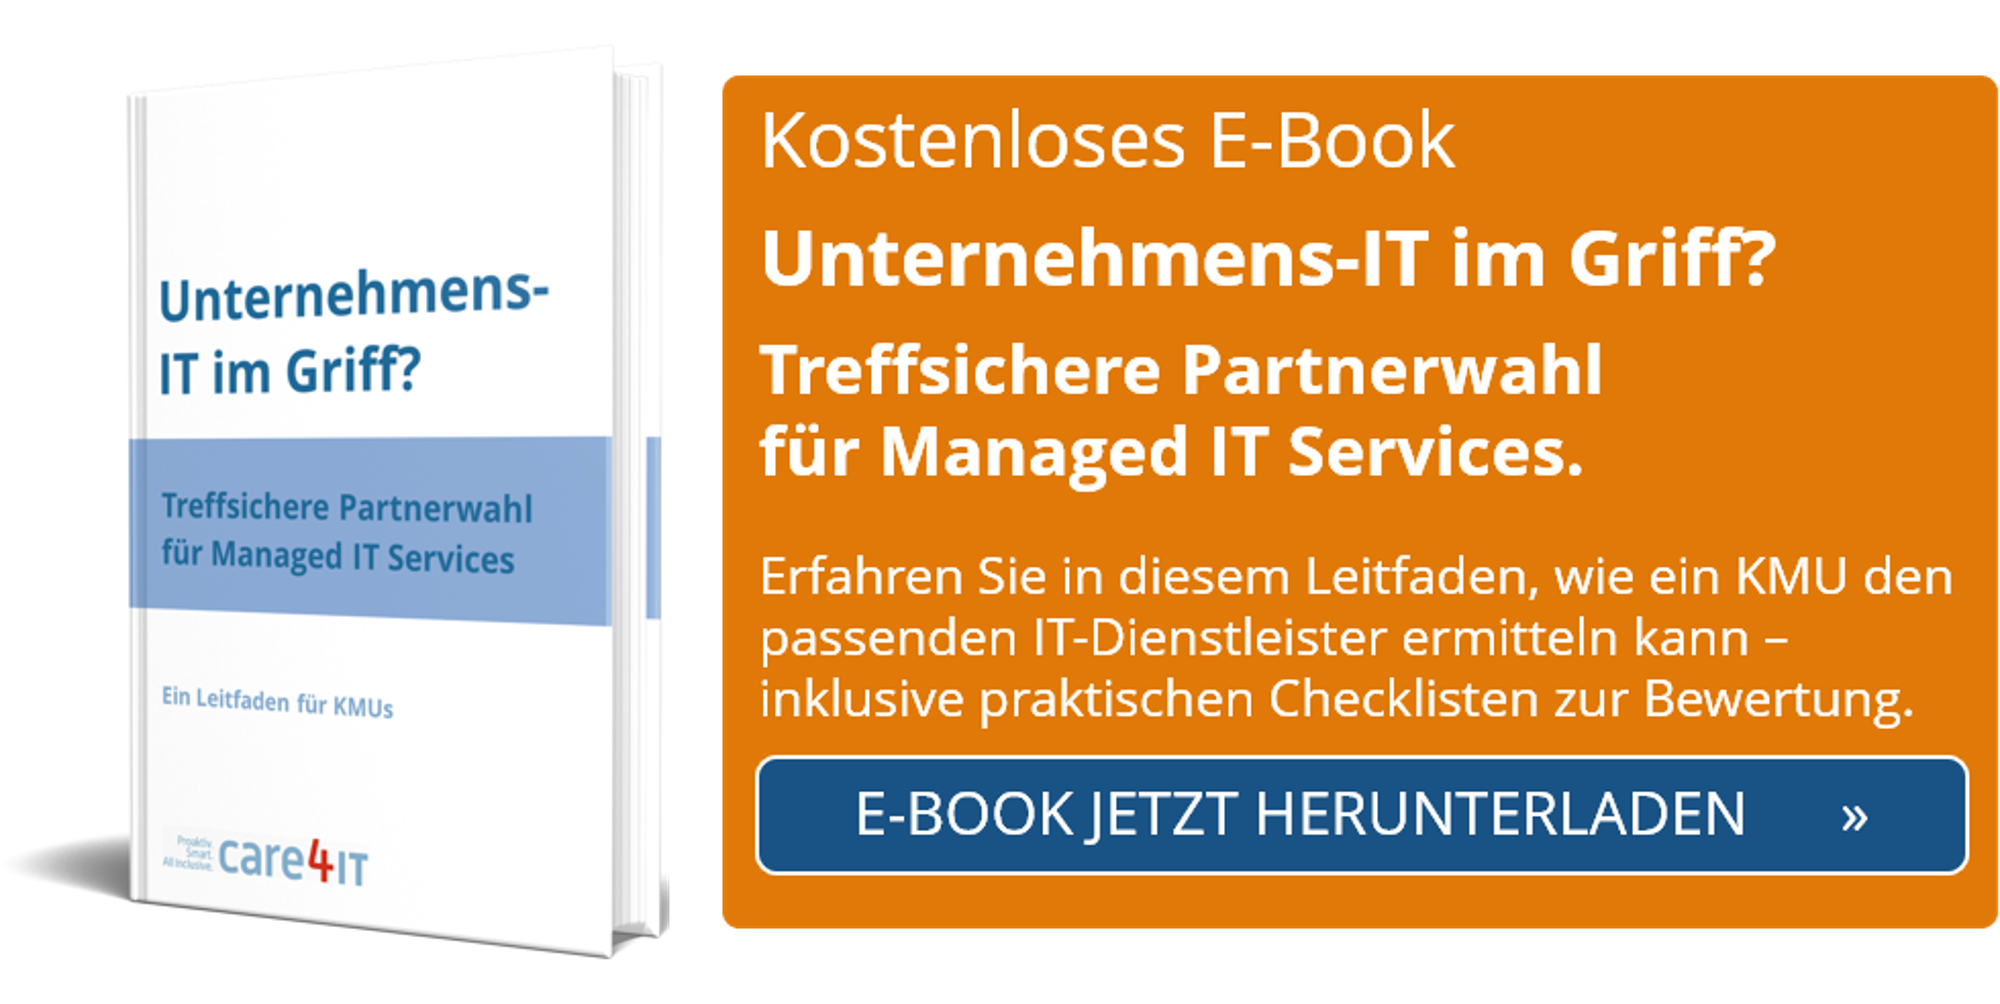 Unternehmens-IT im Griff? Treffsichere Partnerwahl für Managed IT Services bei KMU | Zürich